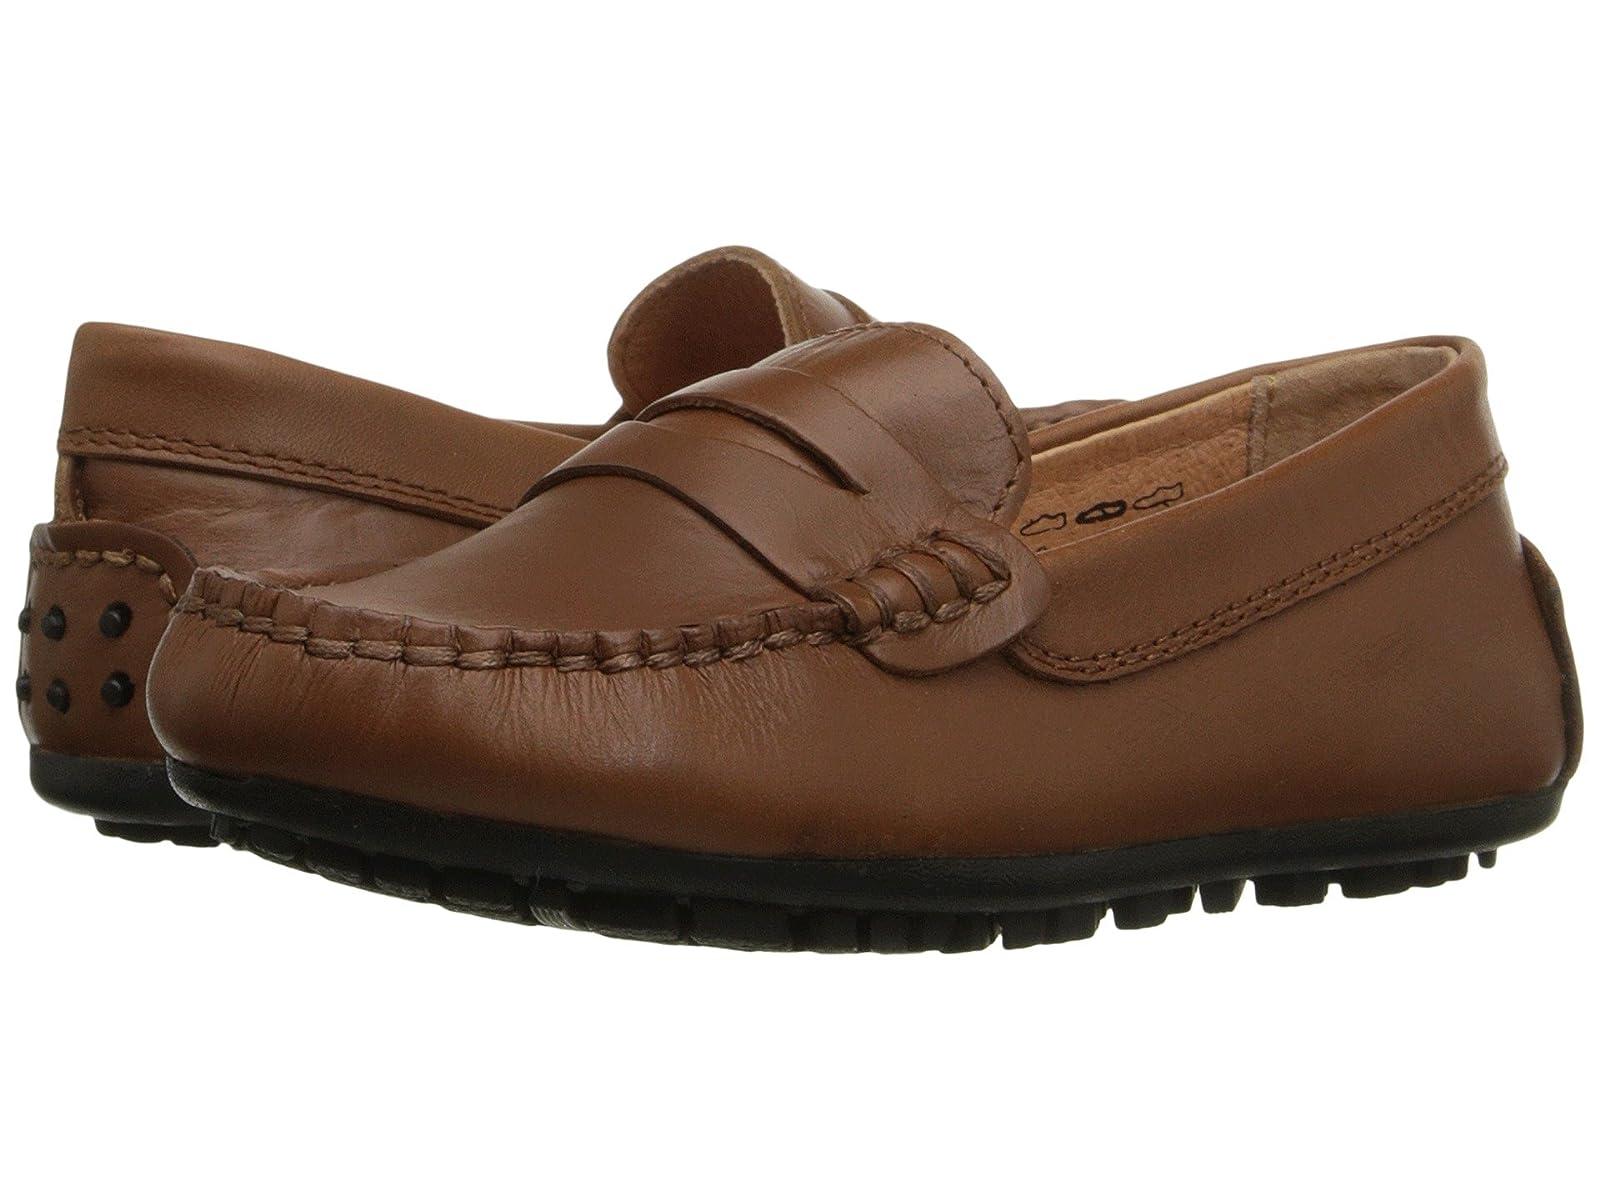 Umi Kids David (Toddler/Little Kid/Big Kid)Atmospheric grades have affordable shoes